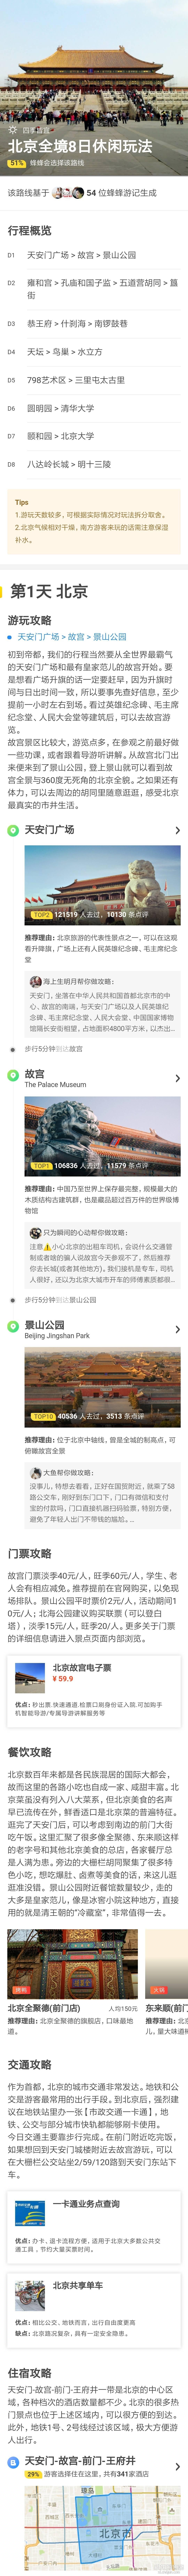 北京全境8日休闲玩法